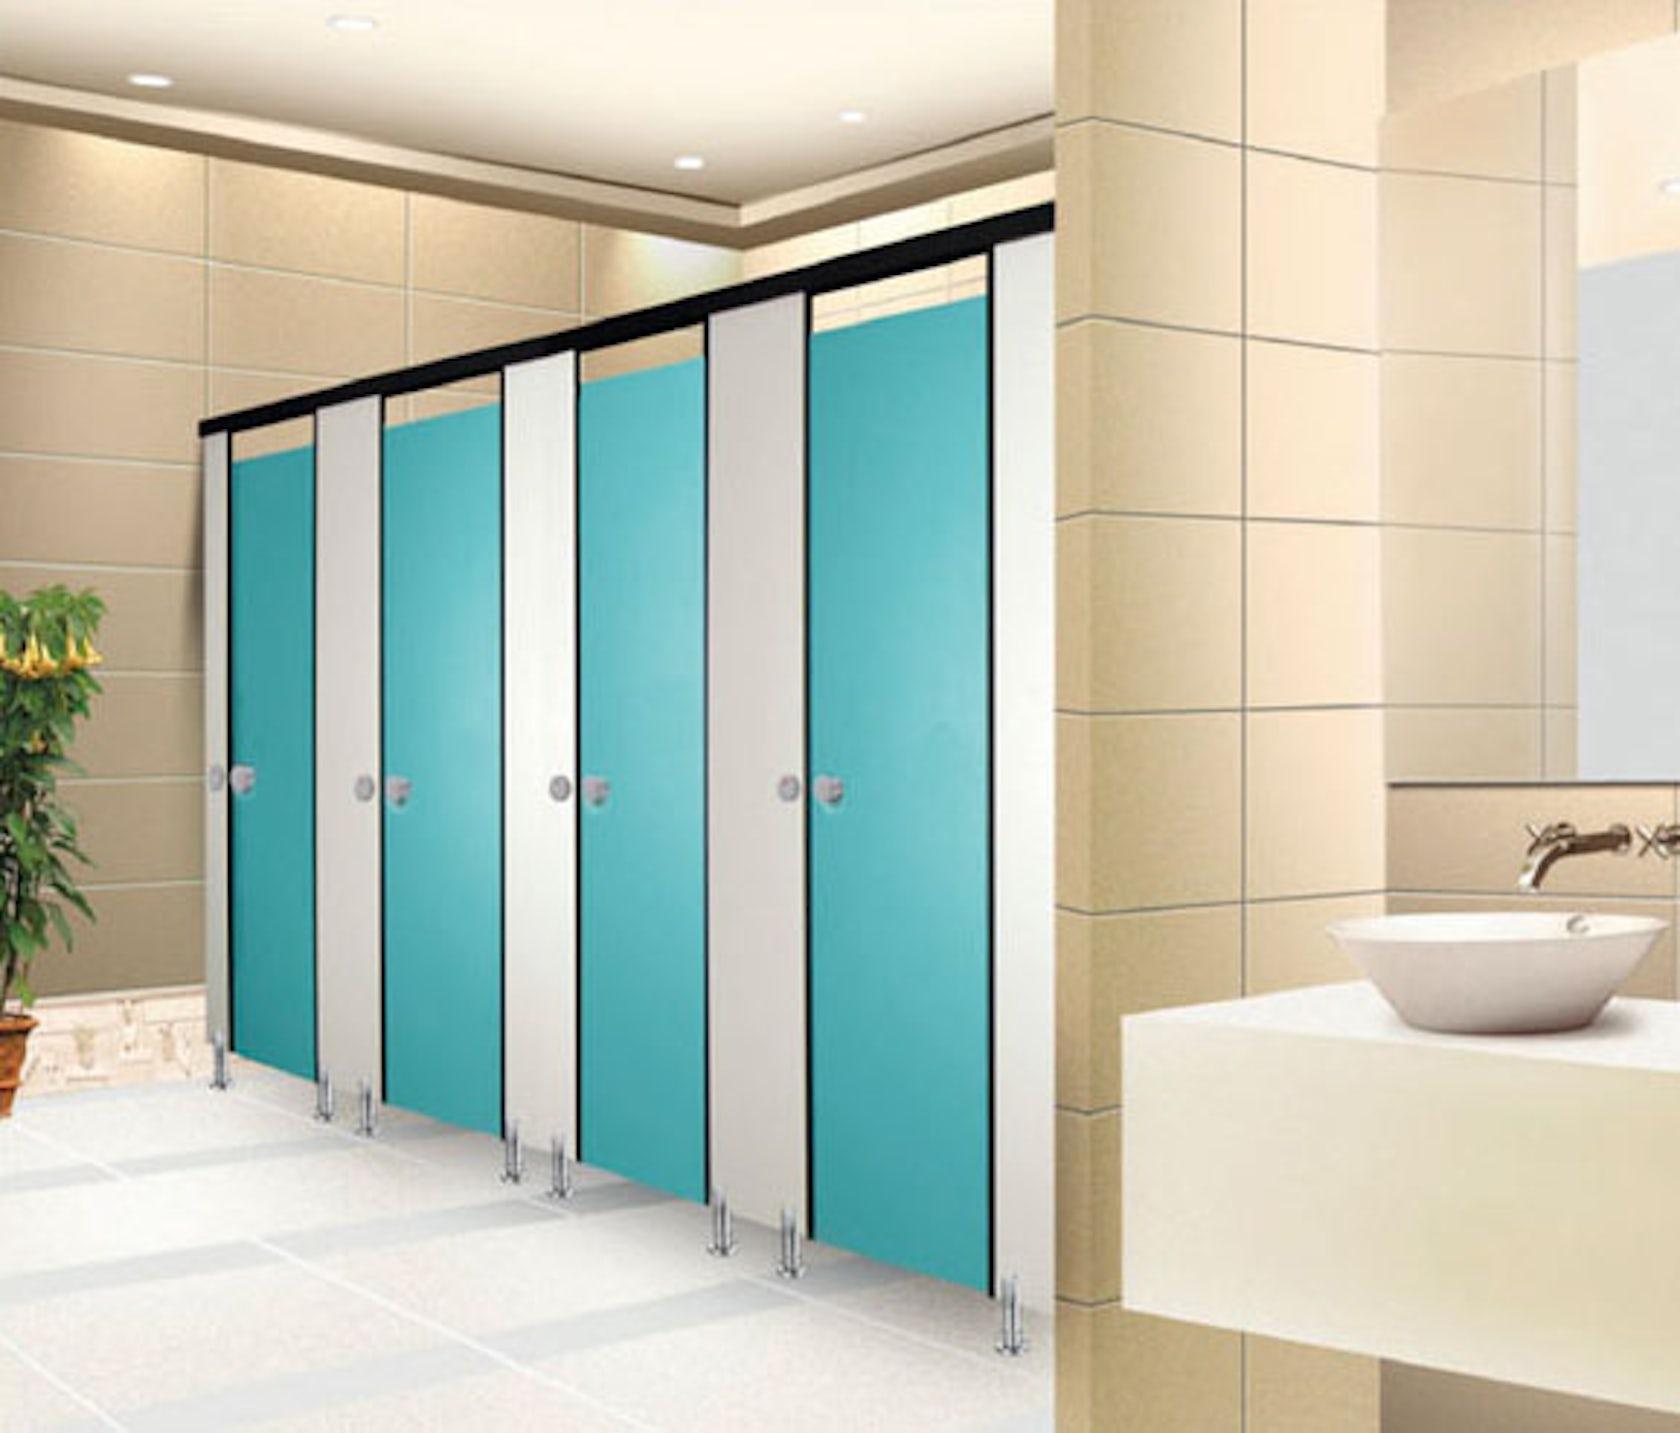 toilet partition,toilet cubicle - Architizer